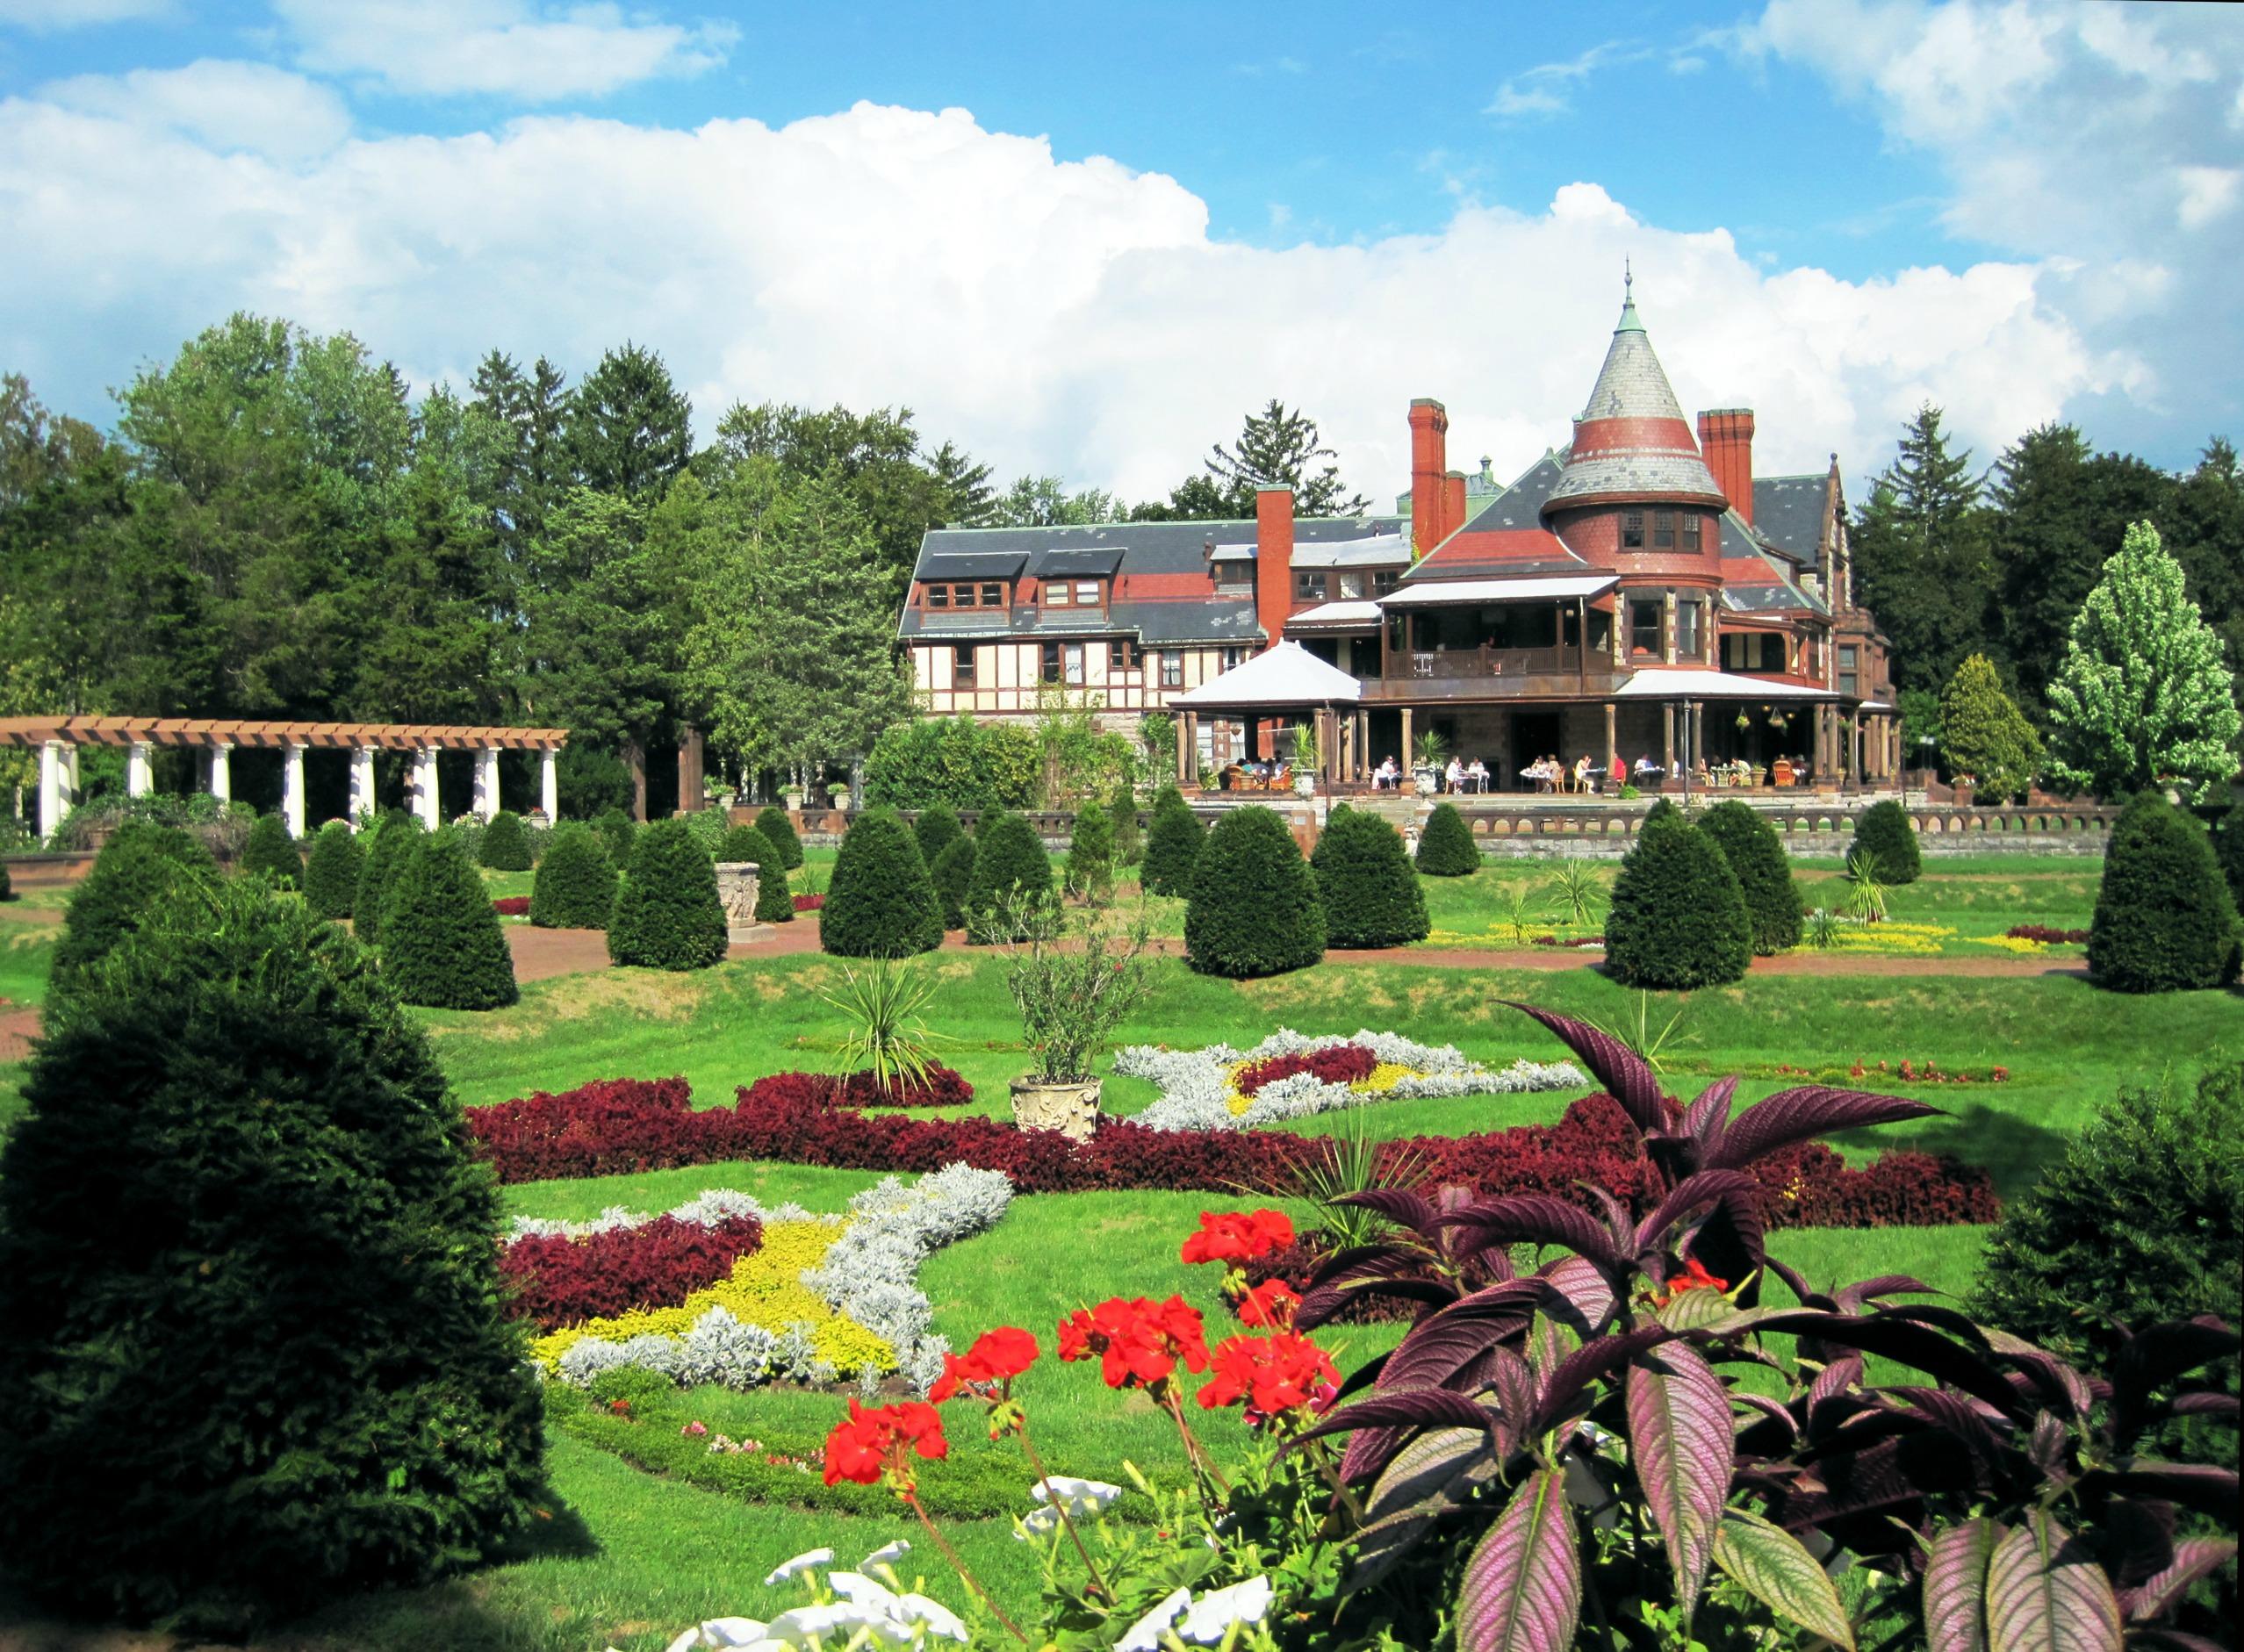 sonnenburg-gardens